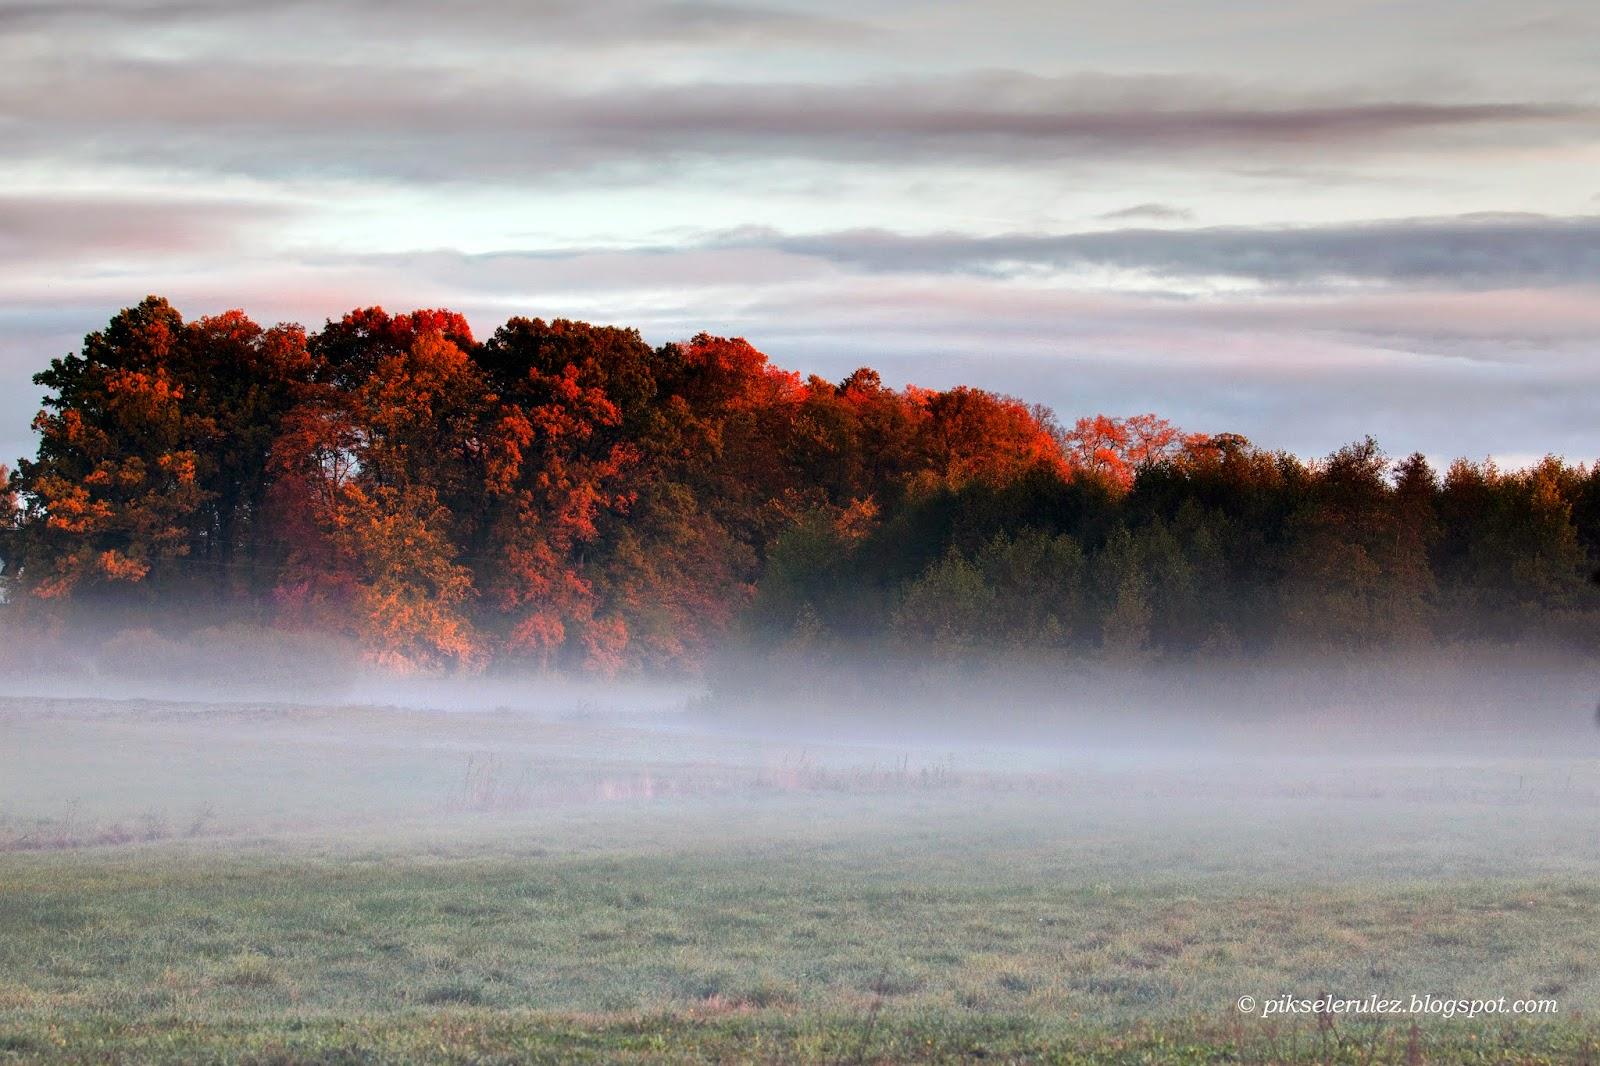 jesień, wieś, Polska, Bory Tucholskie, Agata Raszke, fotografia,